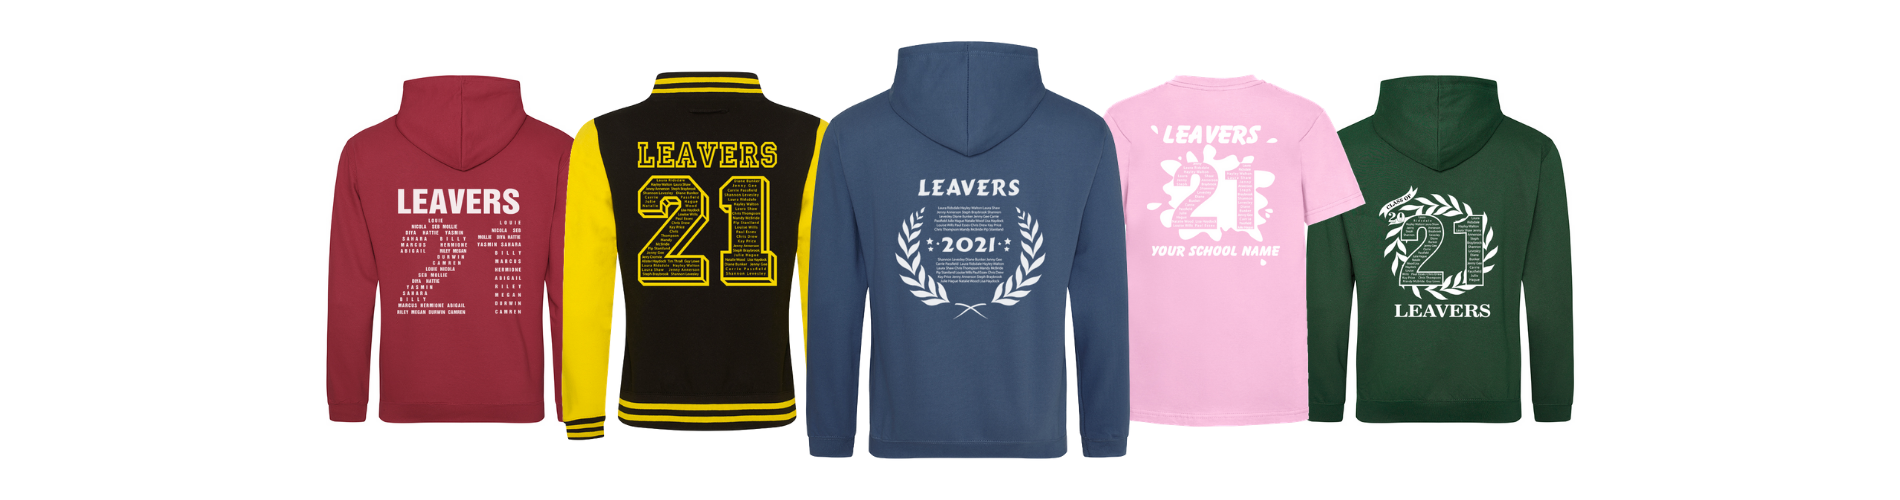 Leavers hoodie 2021 design